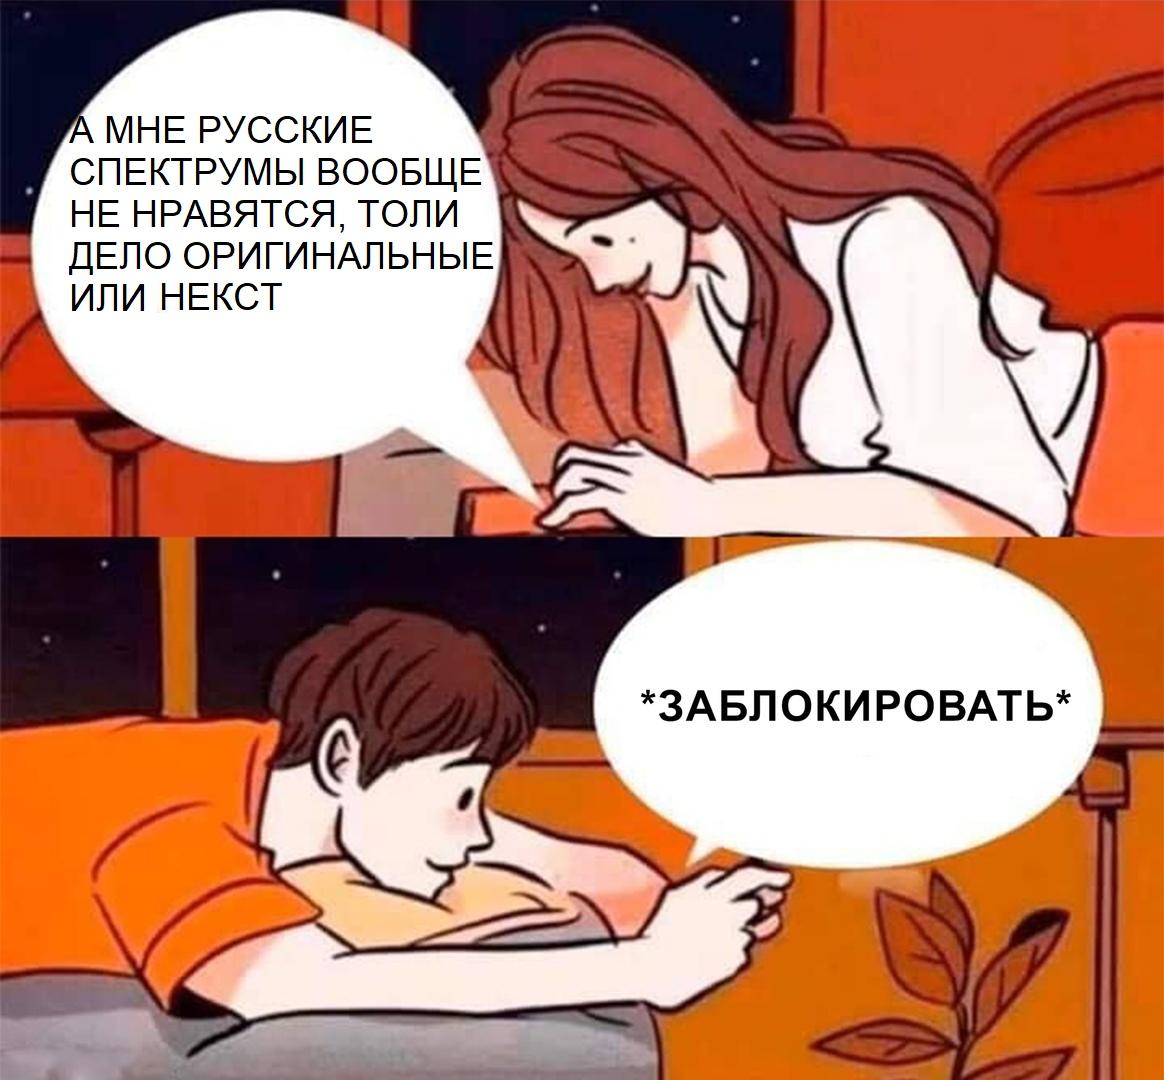 https://zxdemos.ru/uploads/images/2/2390d78e2780e410394aa853f57ff322.jpg